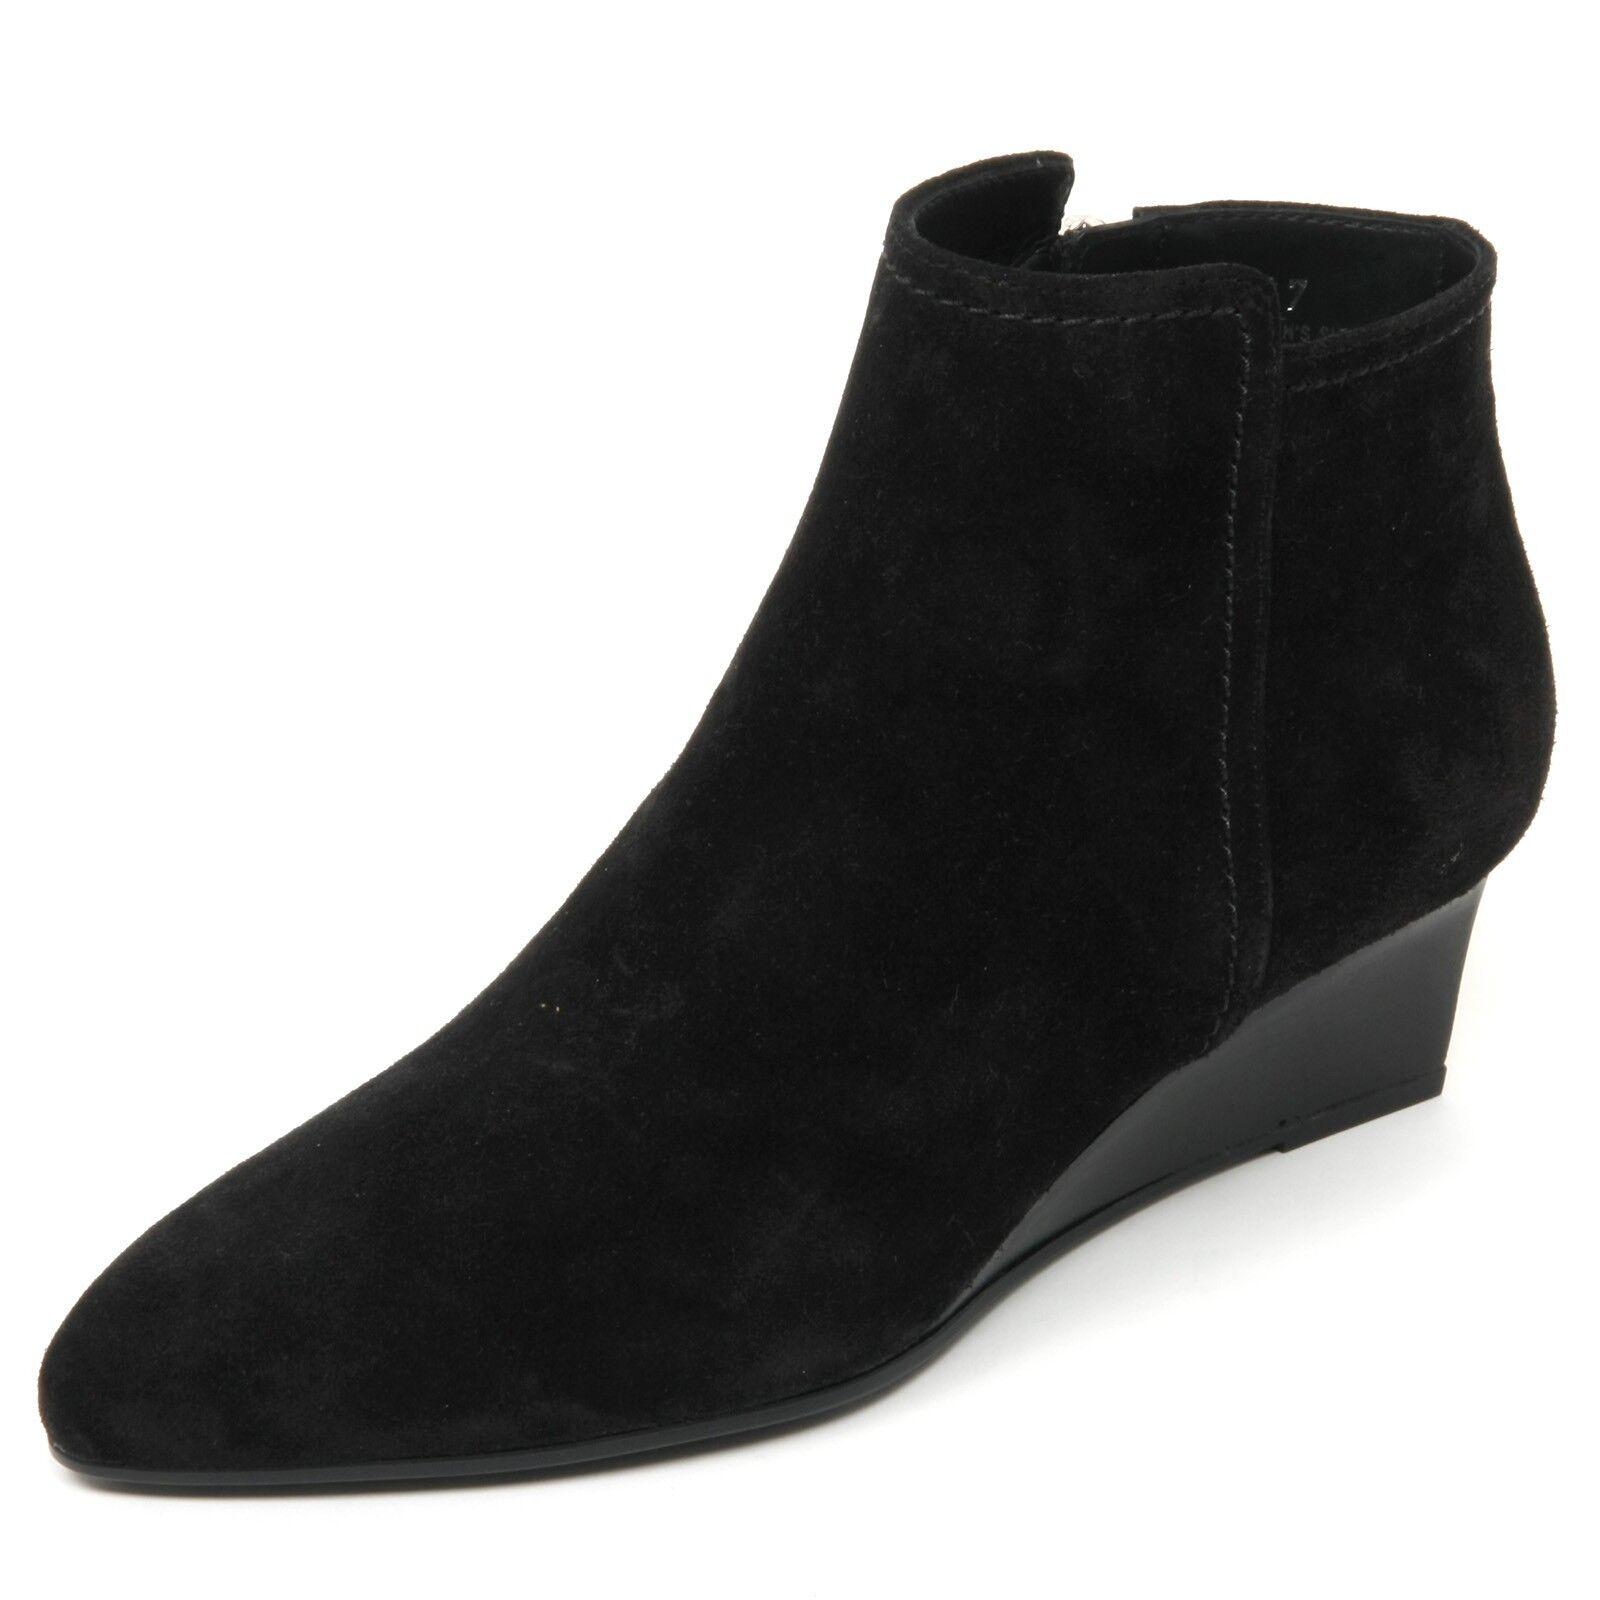 B9054 tronchetto donna TOD'S gomma T50 woman scarpa nero shoe boot woman T50 fd6815